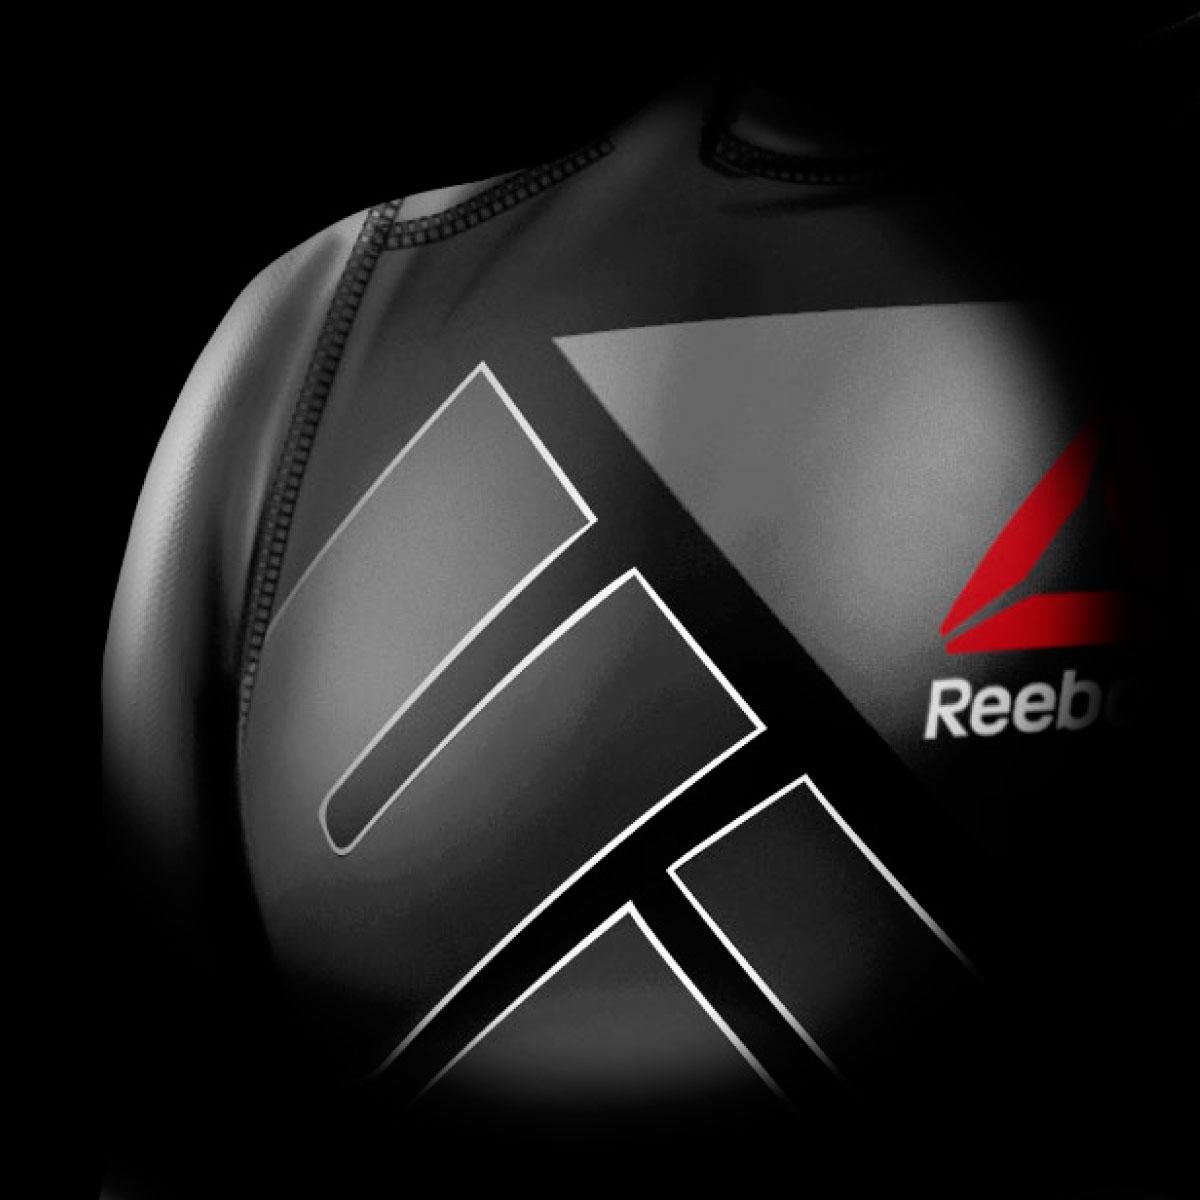 Reebok, UFC Announce Landmark Apparel Deal | UFC ® - News